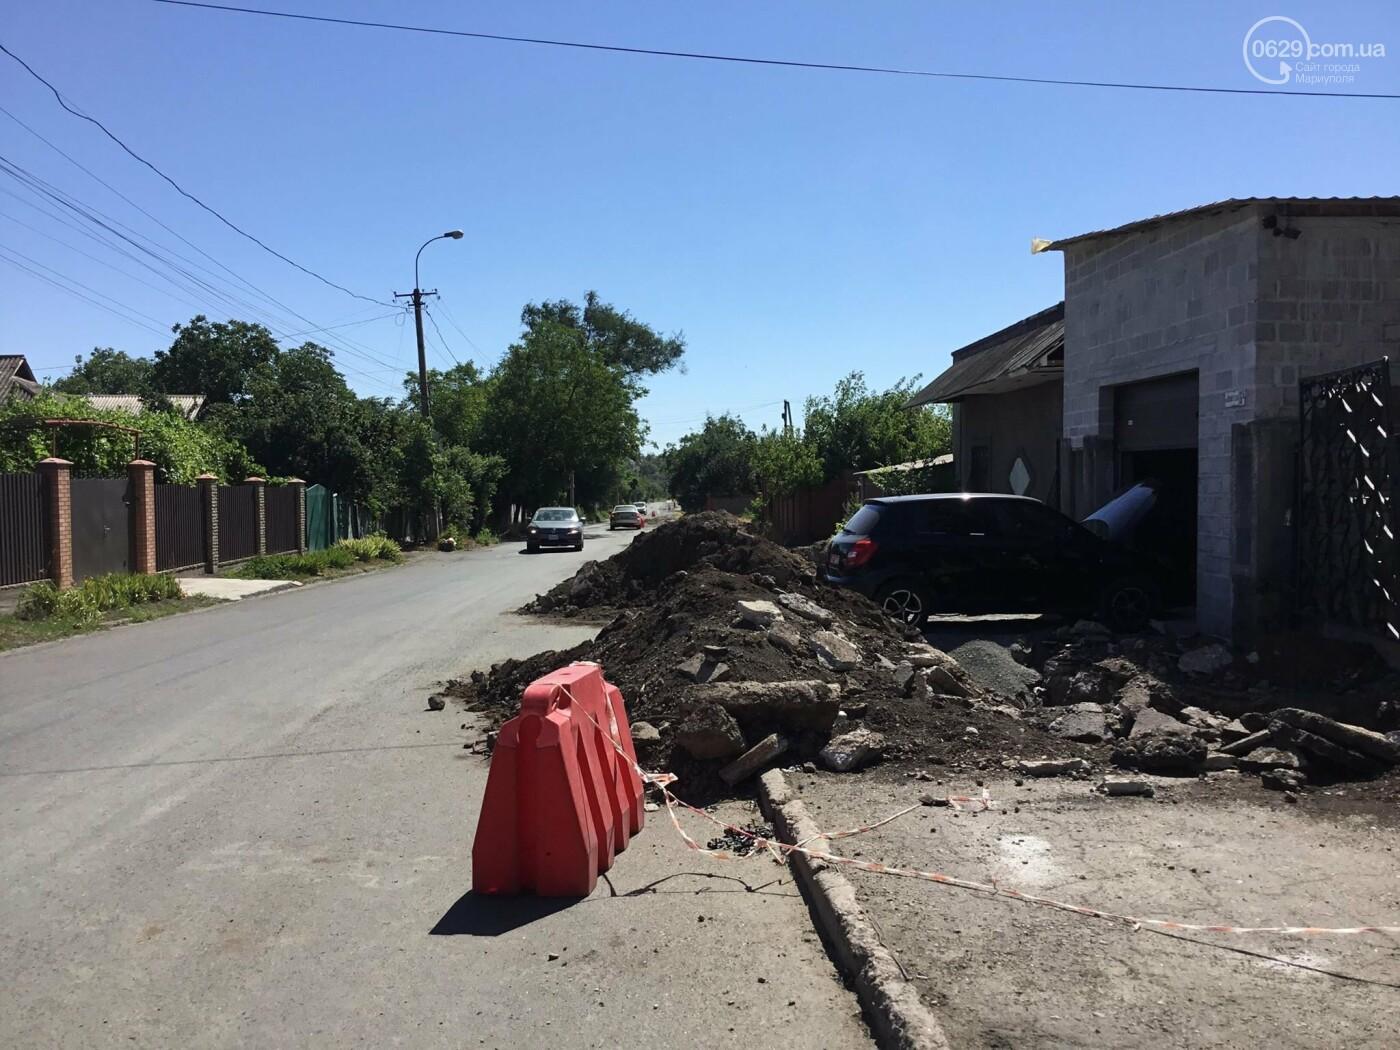 В Мариуполе «Горводоканал» начал масштабные работы по замене магистральных водоводов, -  ФОТО, фото-2